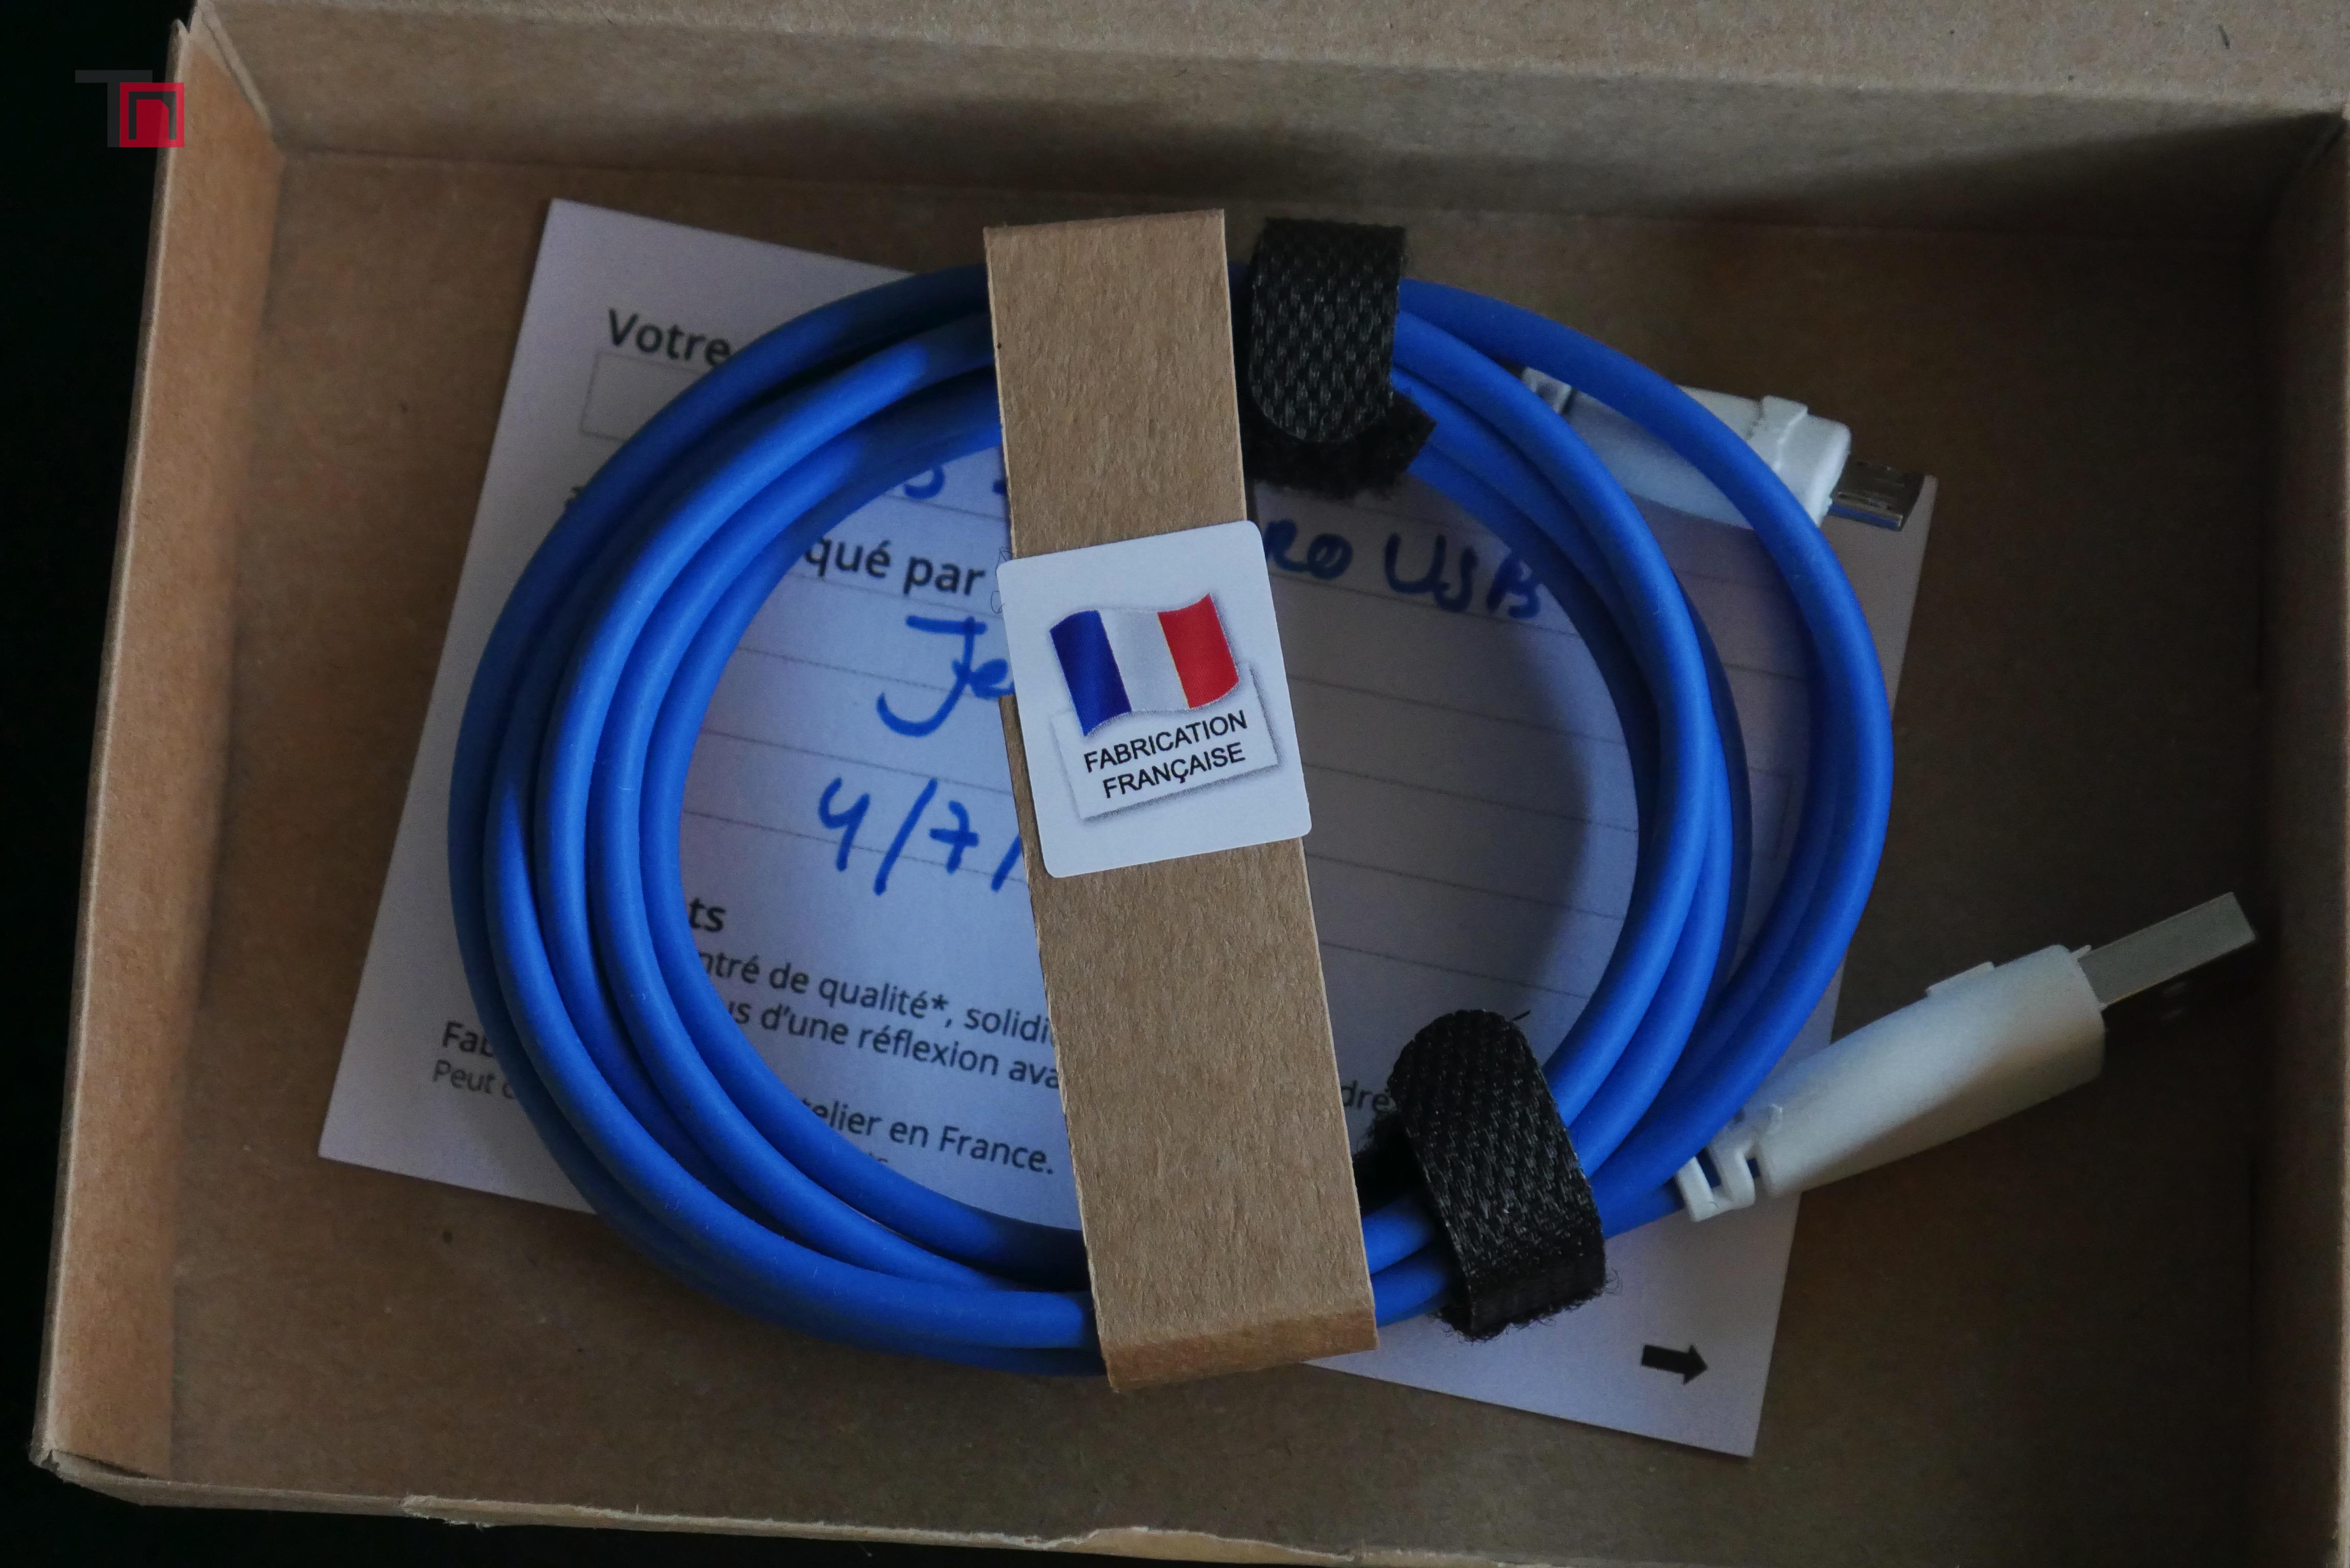 atelier-cable-francais-technews10